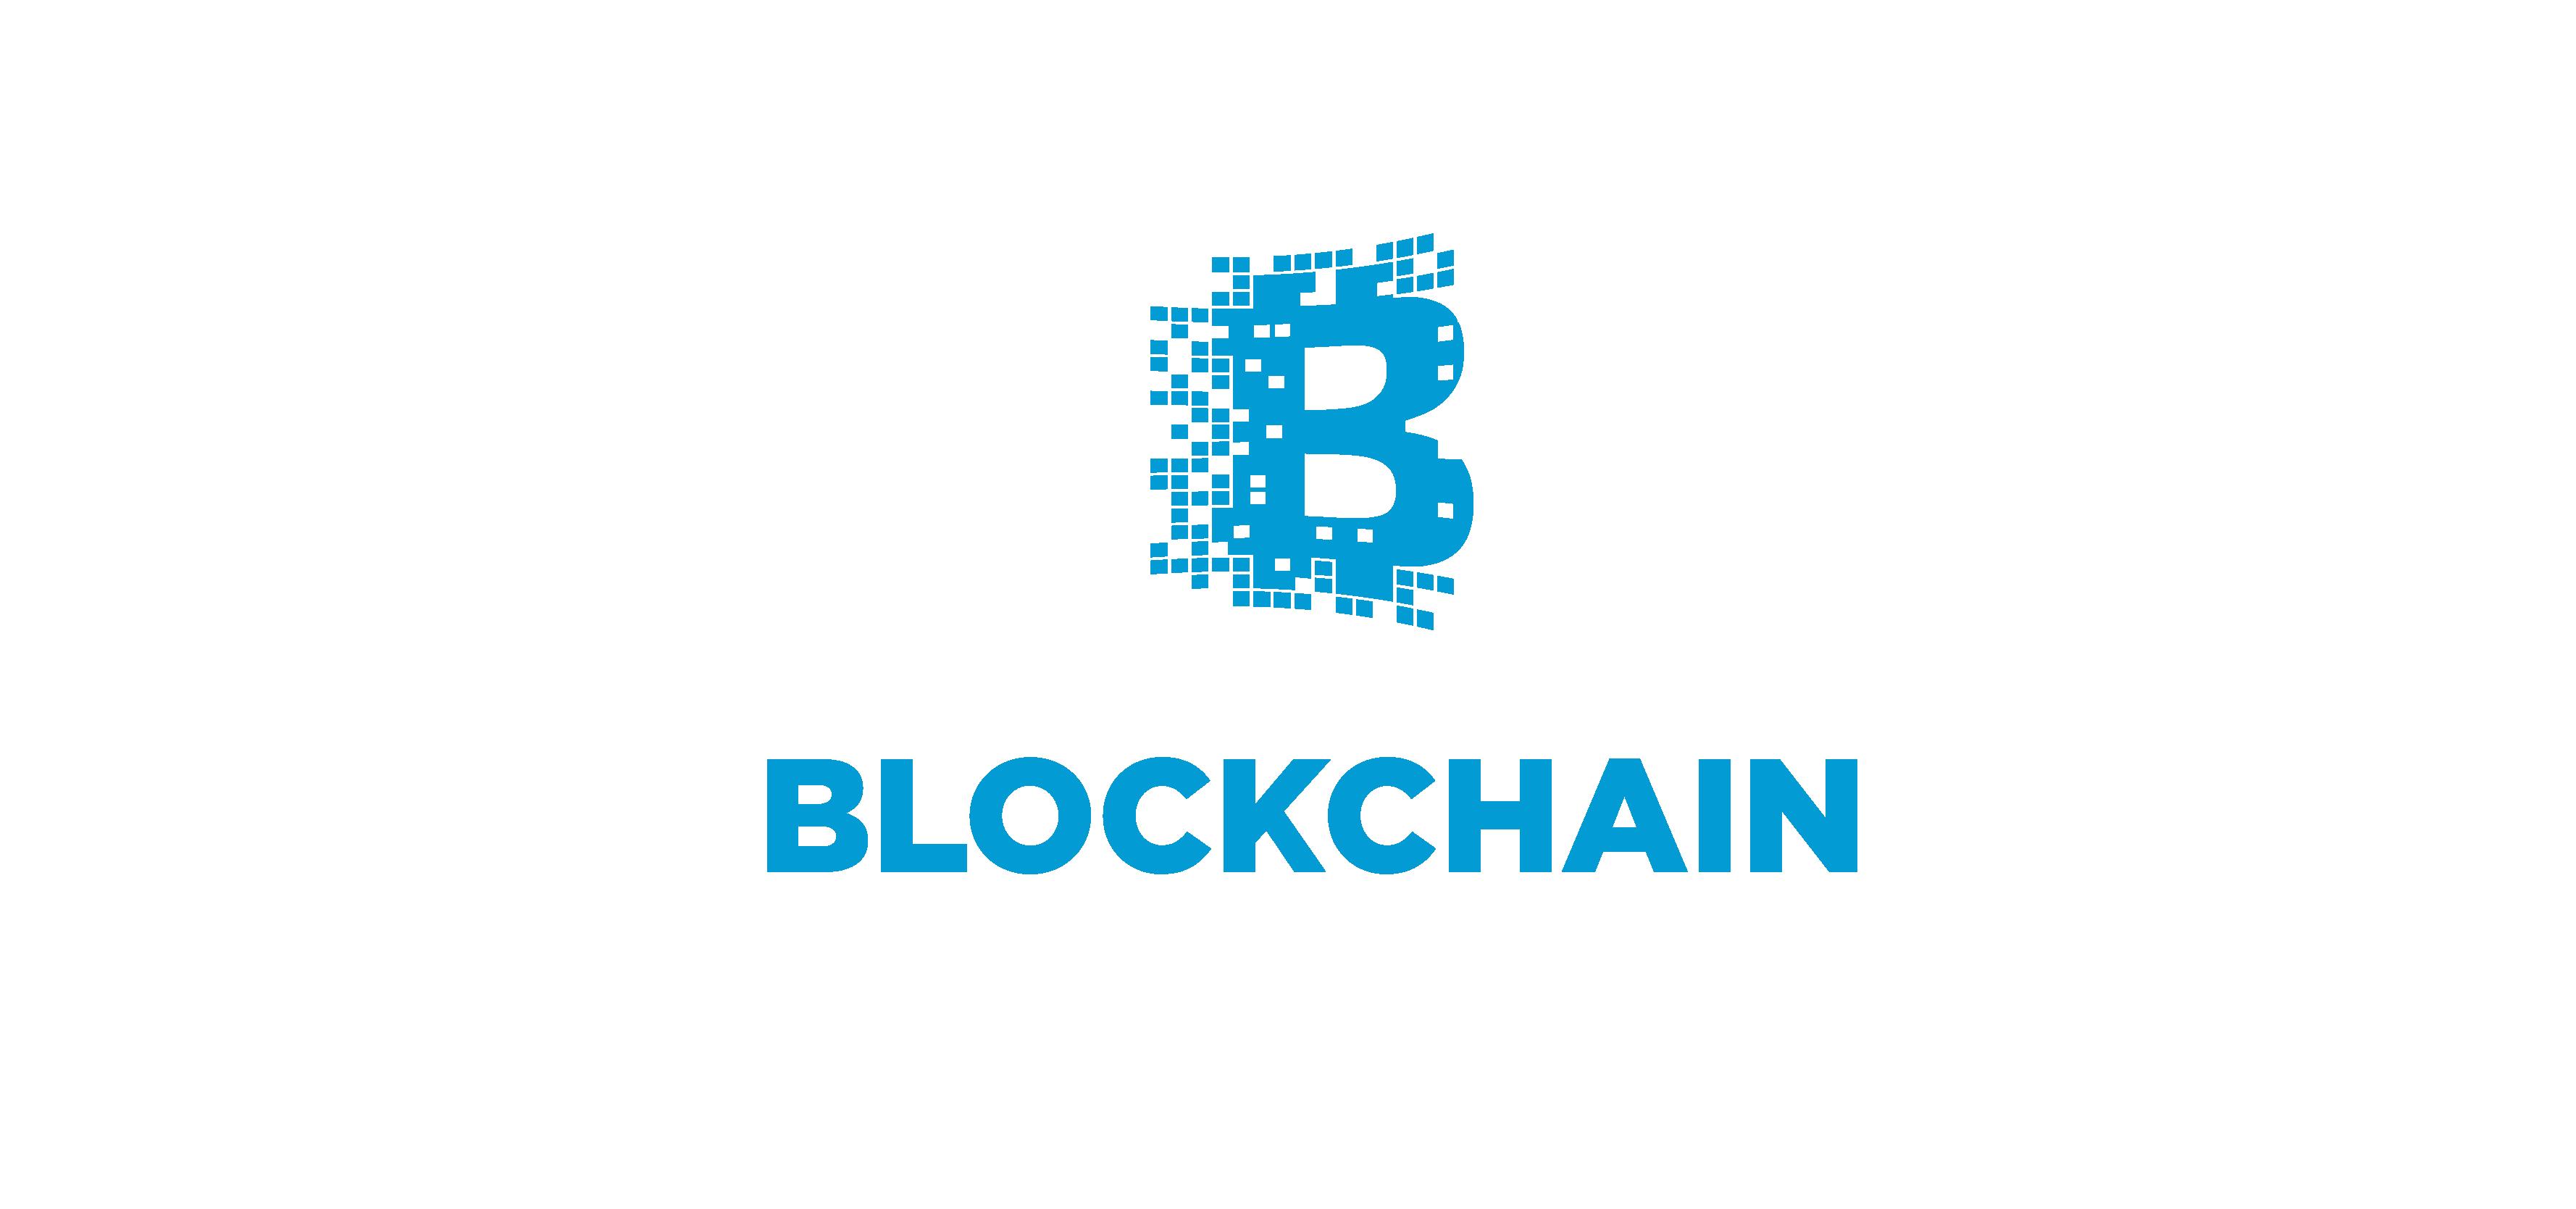 [СПб, Анонс] Встреча CodeFreeze с Александром Чепурным про блокчейн для разработчиков